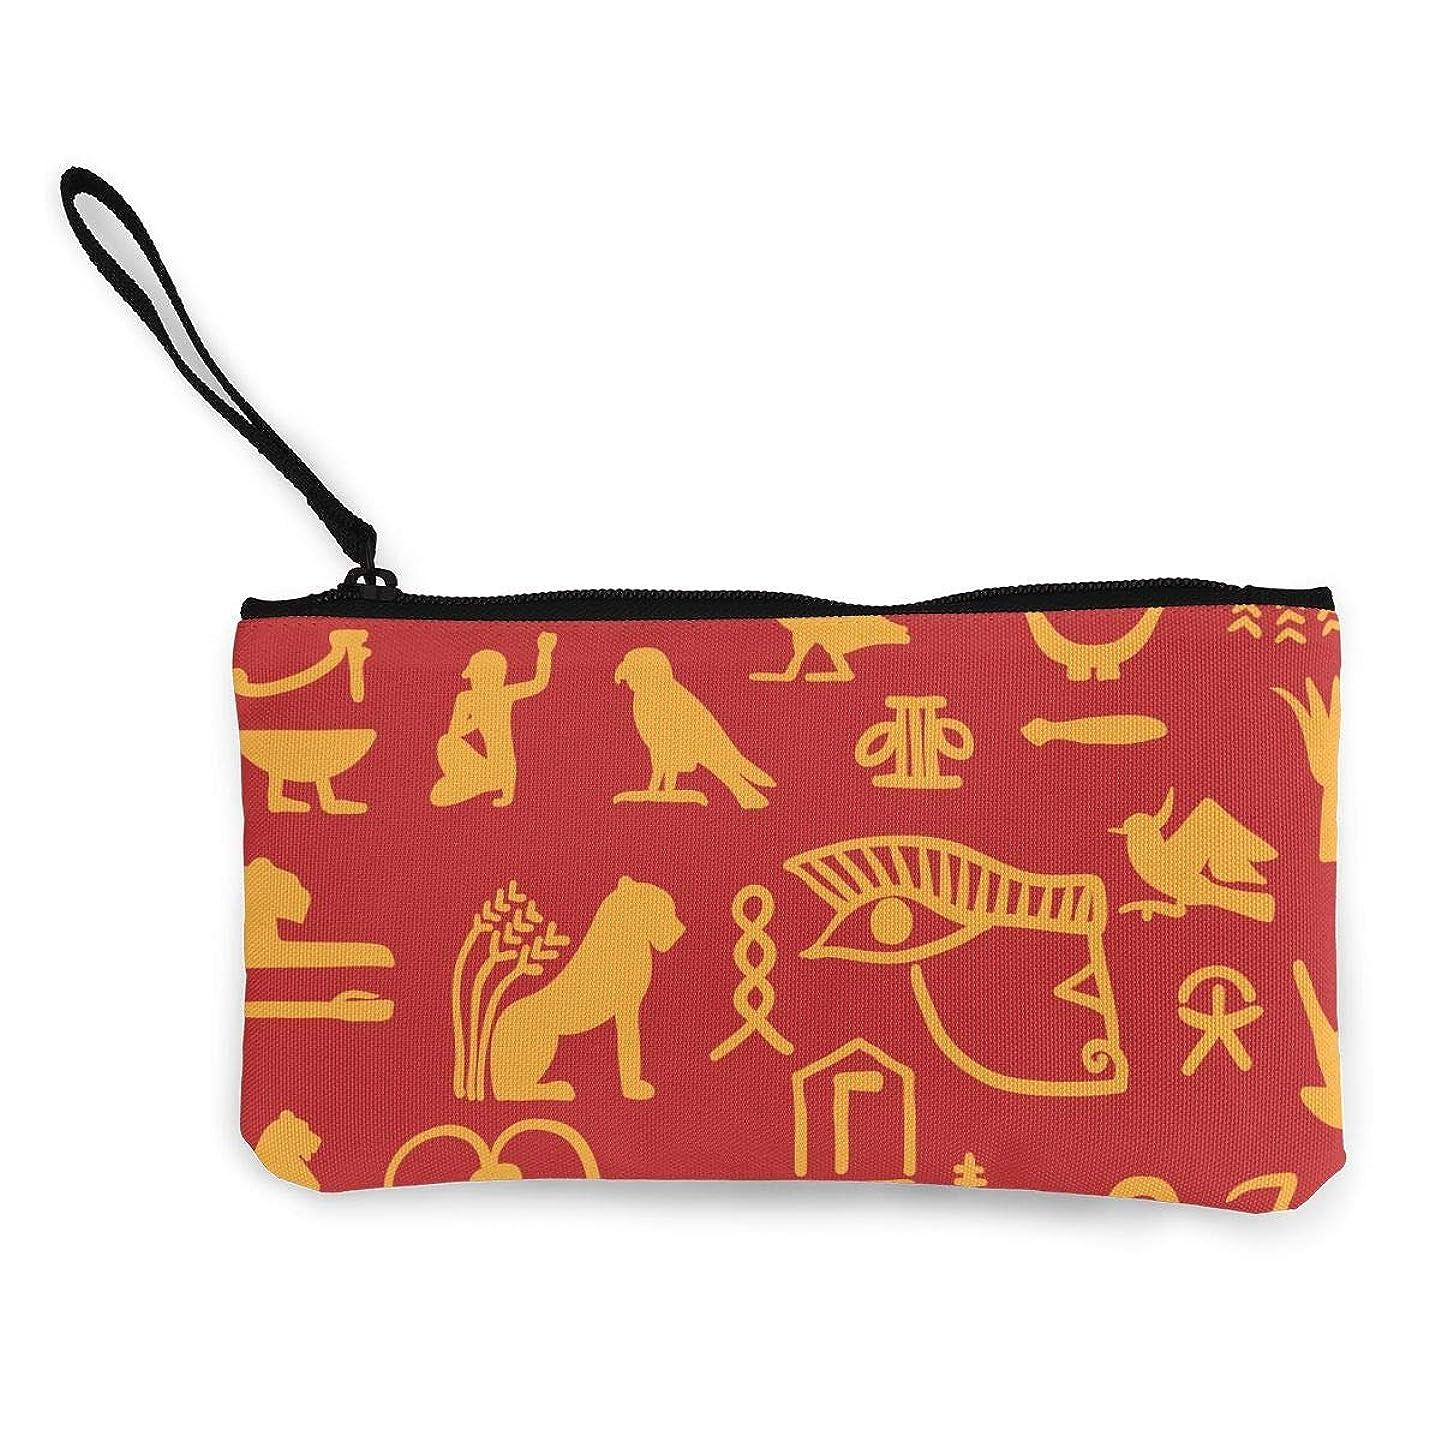 スクラップブックモッキンバード滝ErmiCo レディース 小銭入れ キャンバス財布 古代で生活を描く 小遣い財布 財布 鍵 小物 充電器 収納 長財布 ファスナー付き 22×12cm